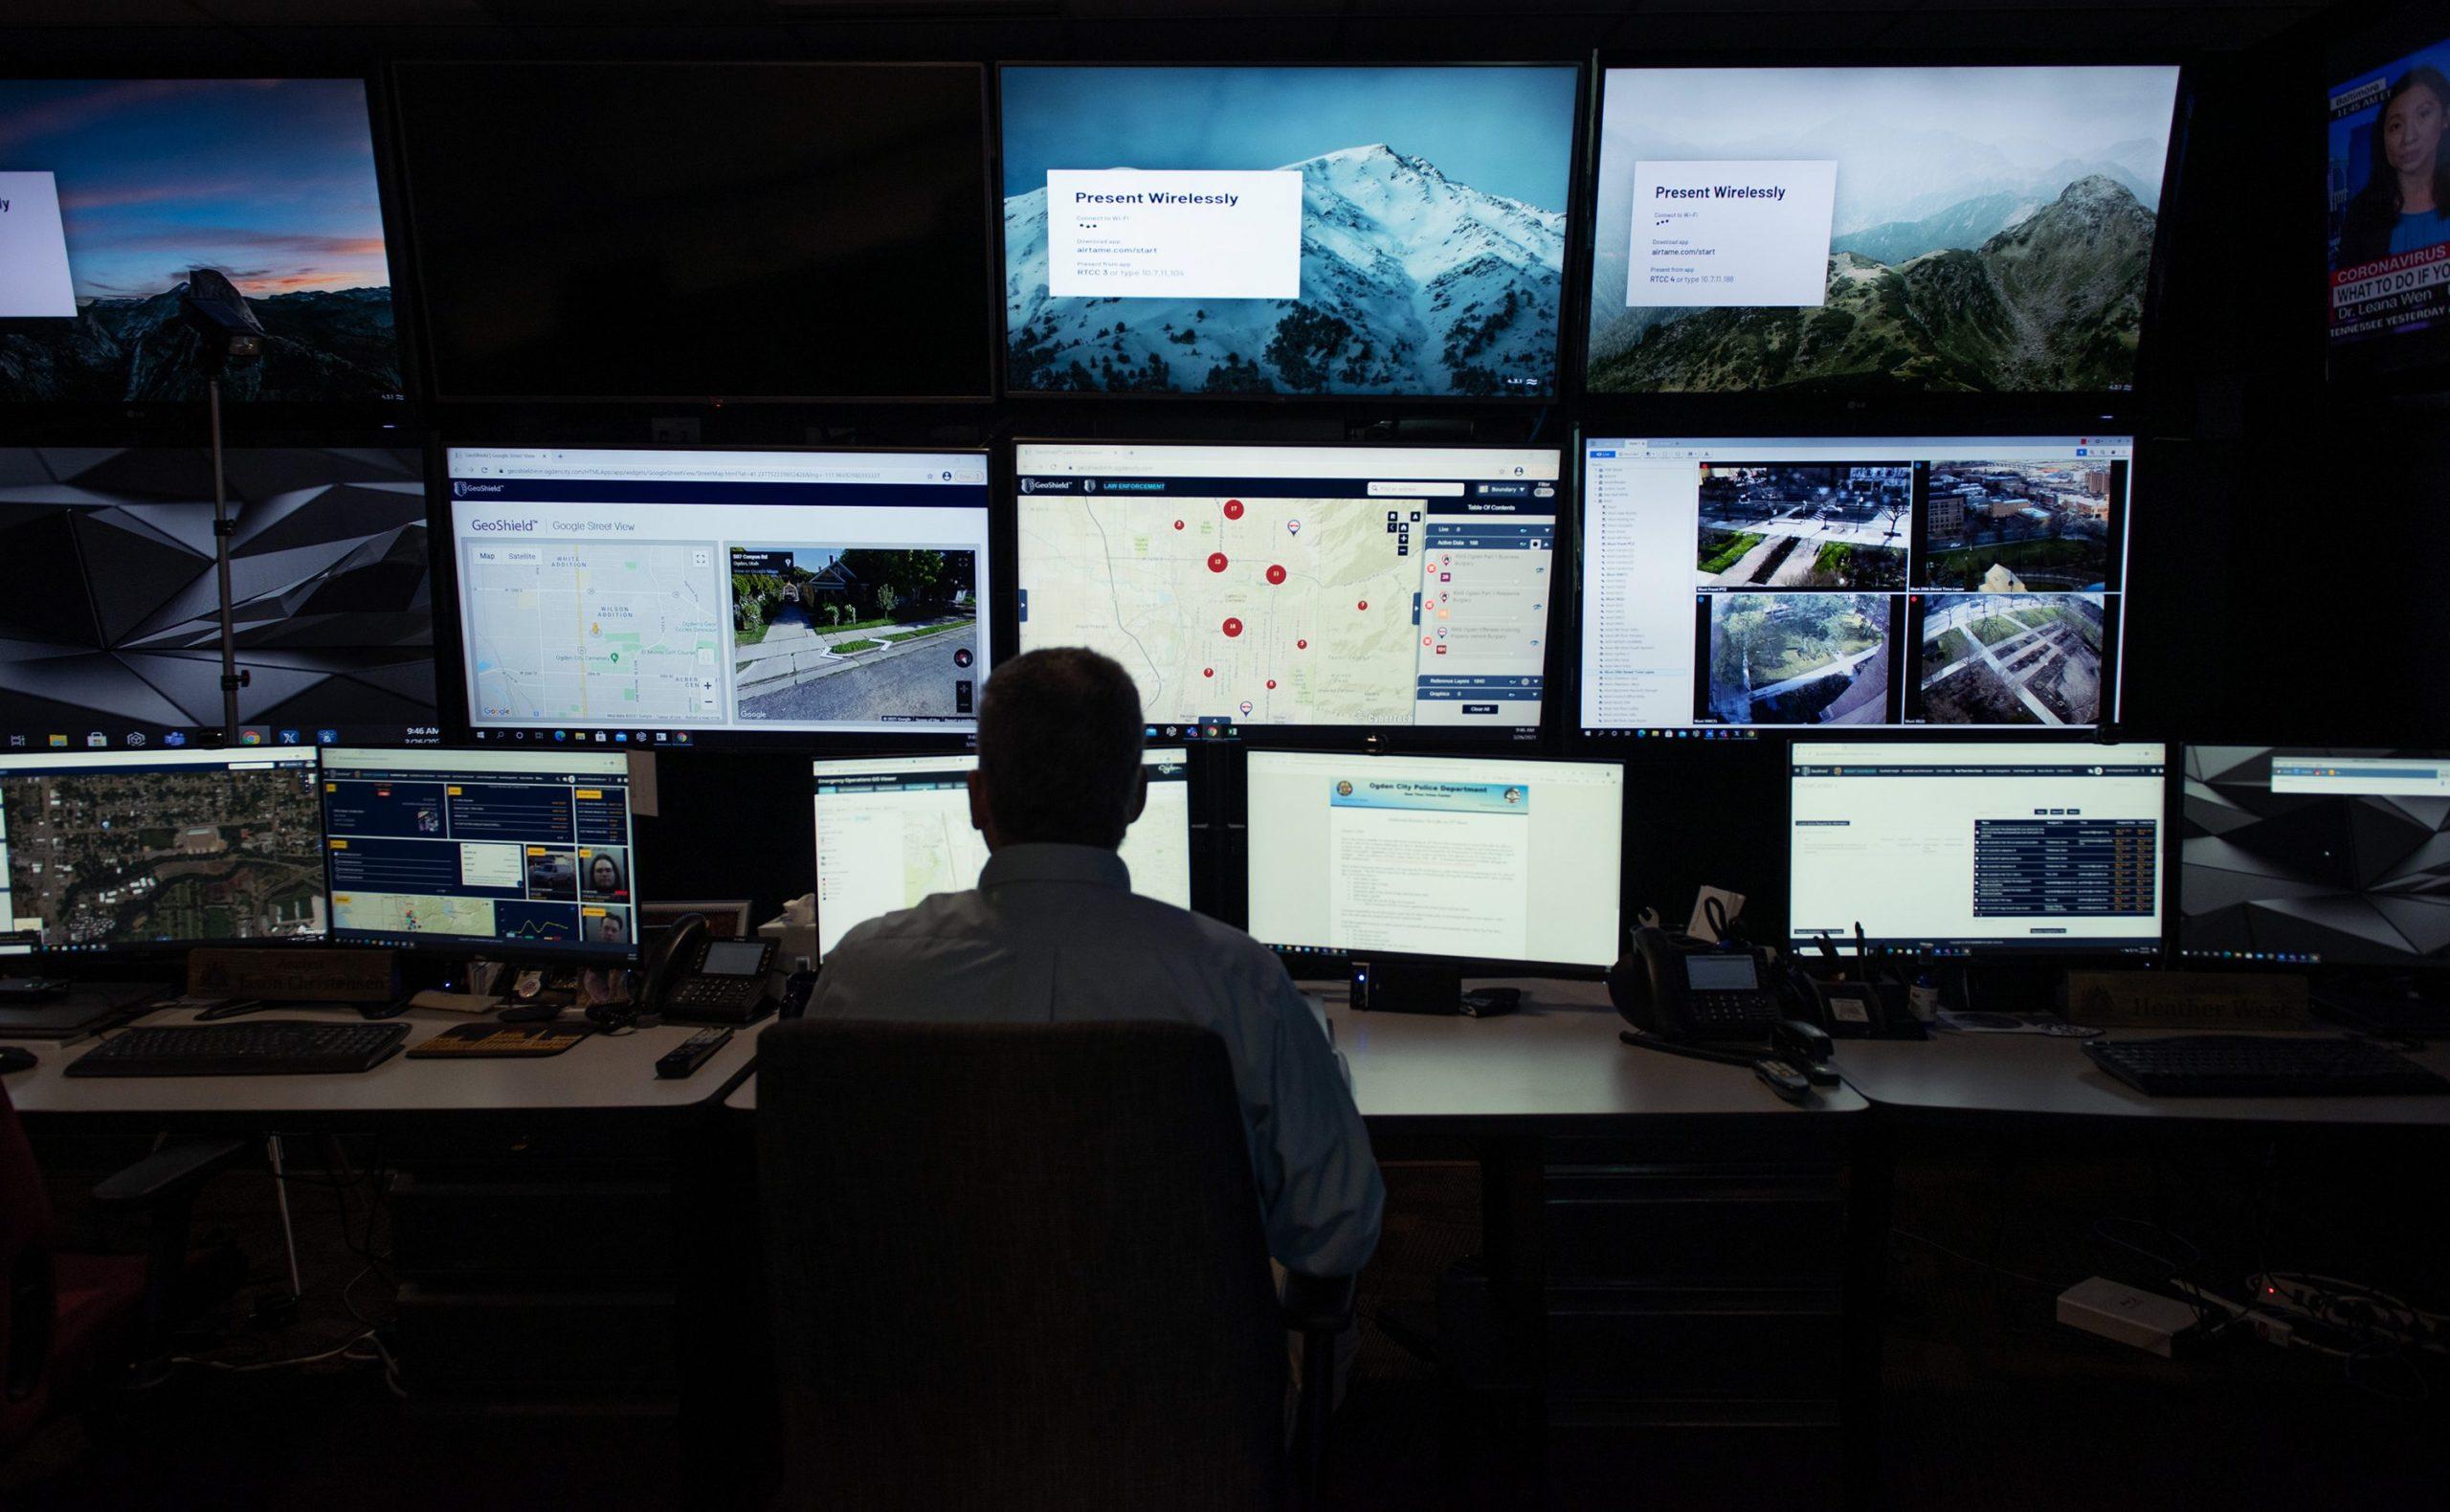 ドローン、ナンバー監視—— 米警察組織に広がる ハイテク捜査チームの内側